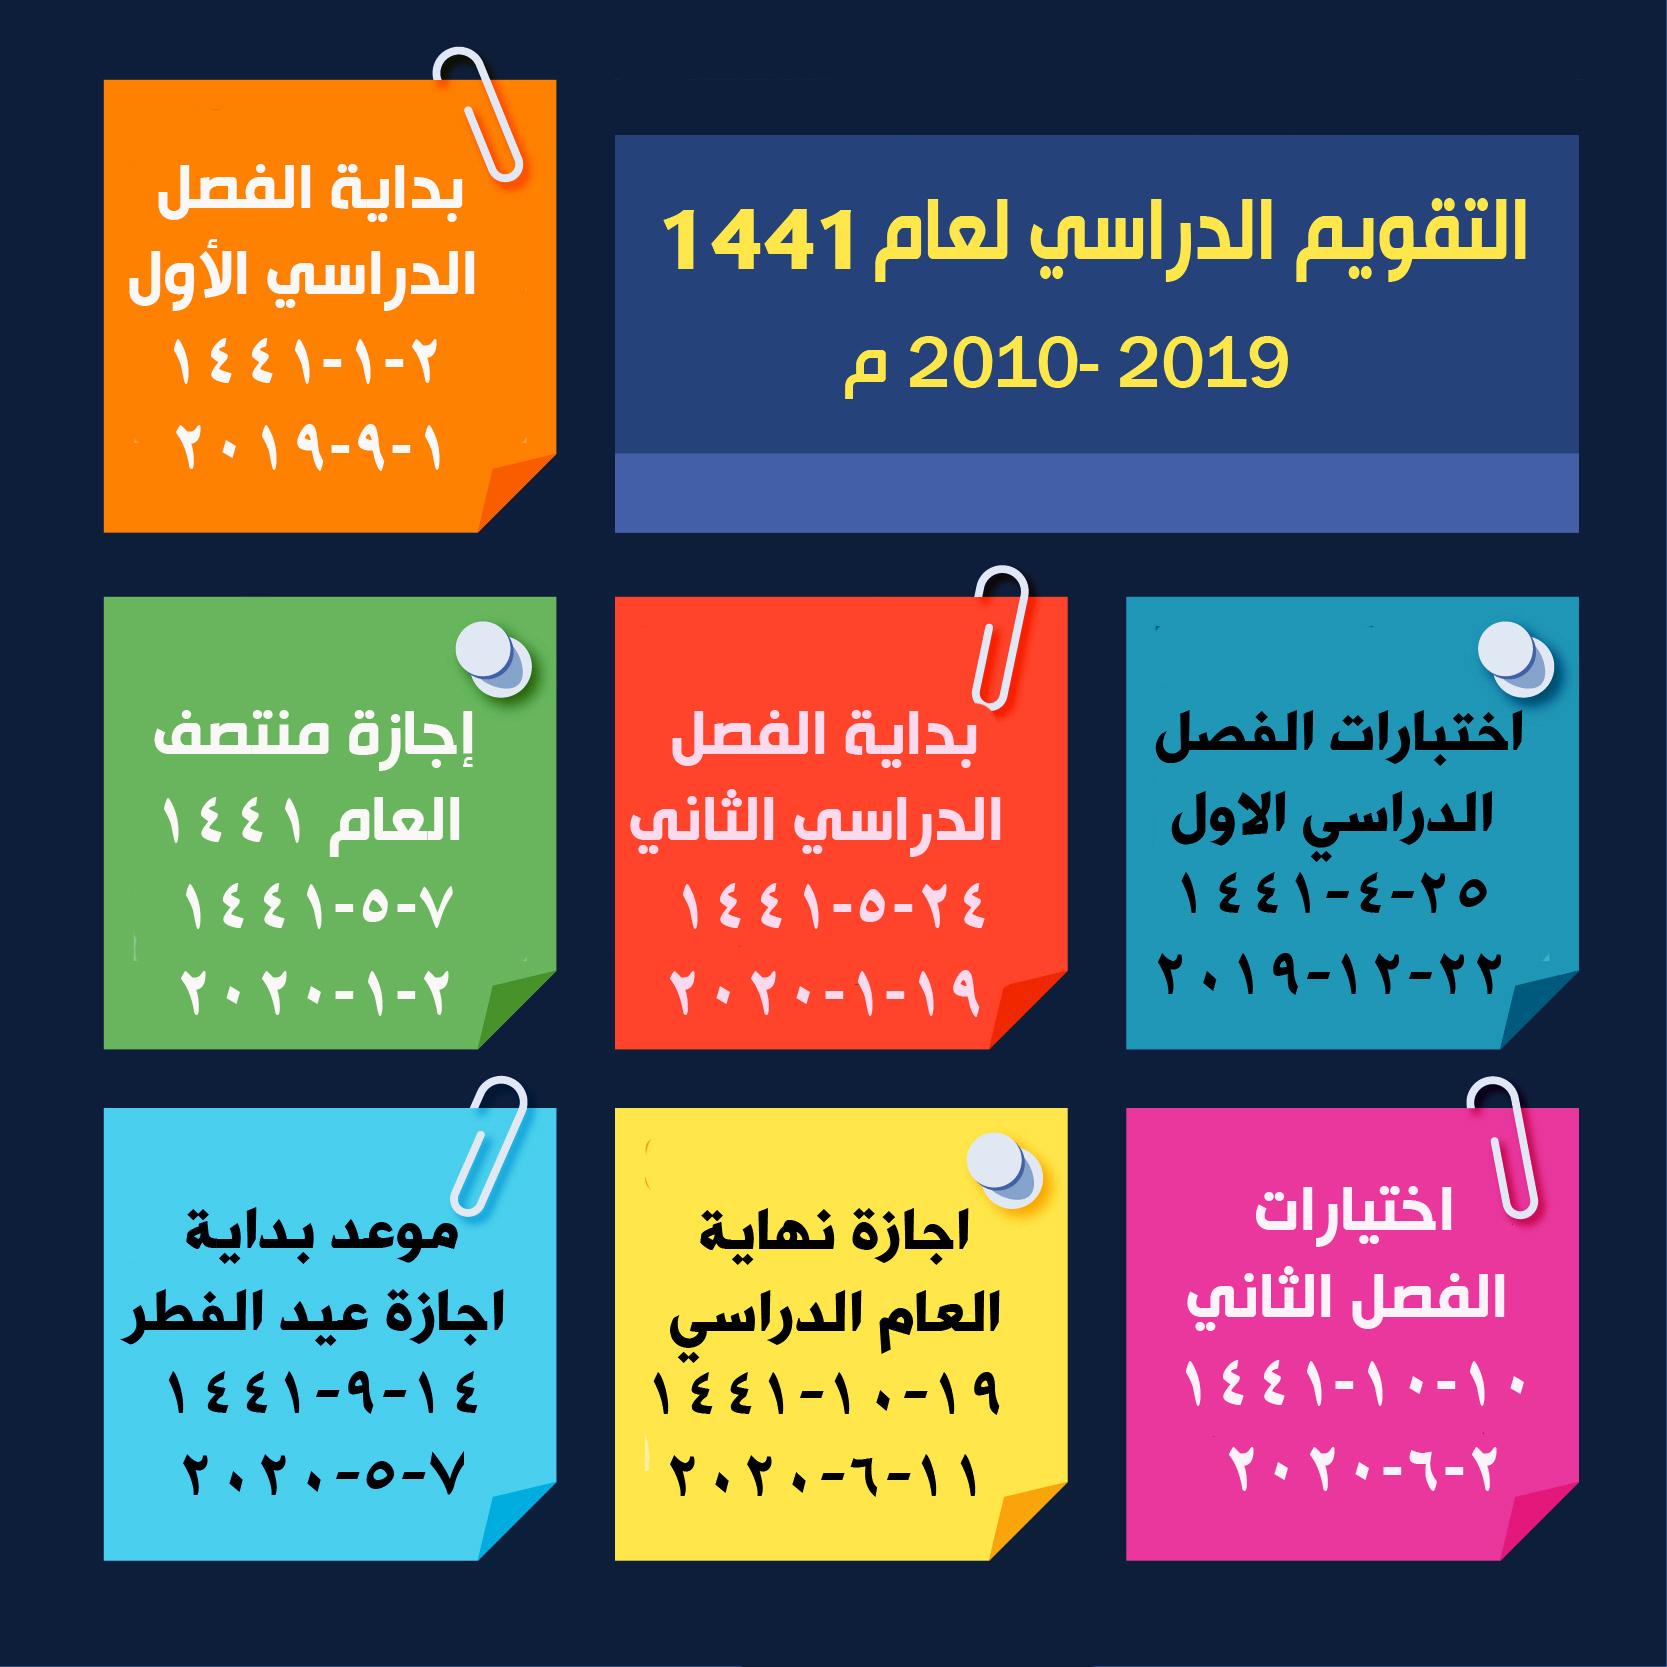 تحميل التقويم الدراسي 1441 وزارة التربية والتعليم السعودية